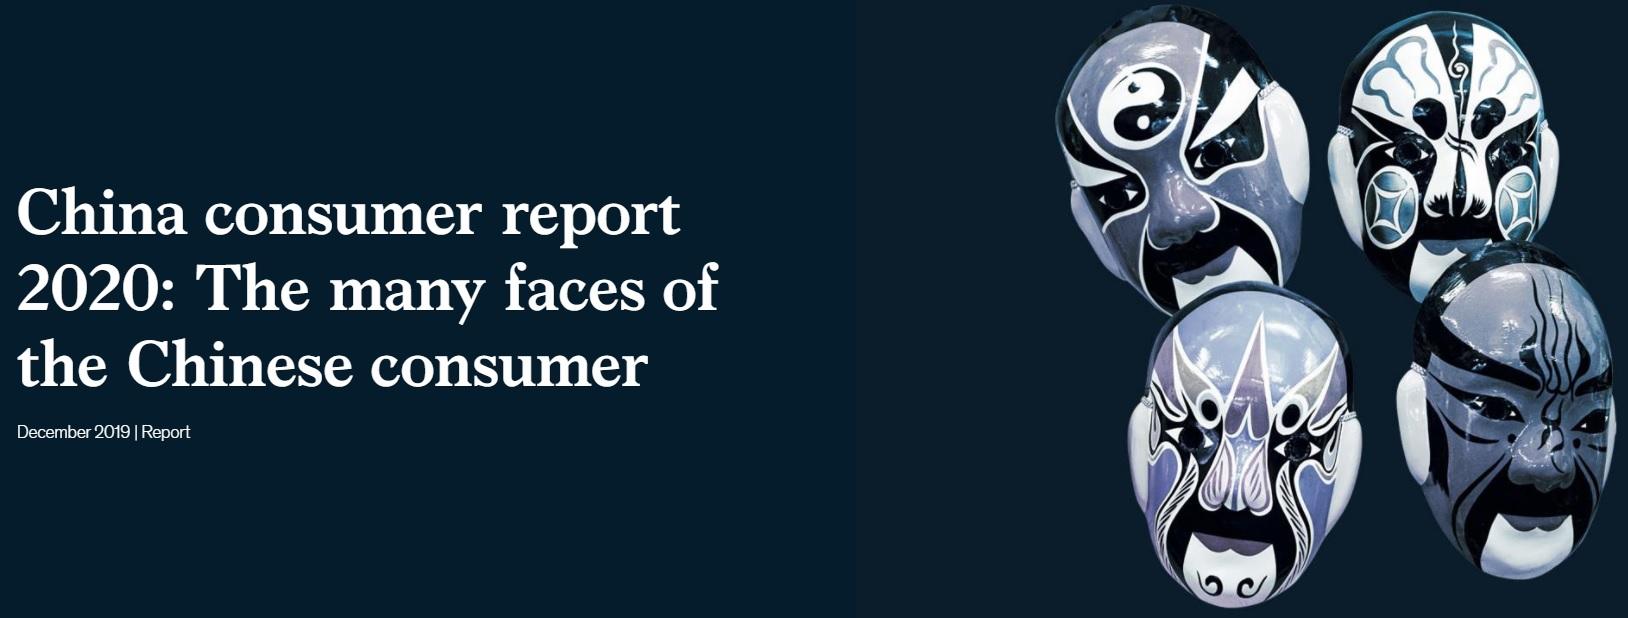 China Consumer Report 2020